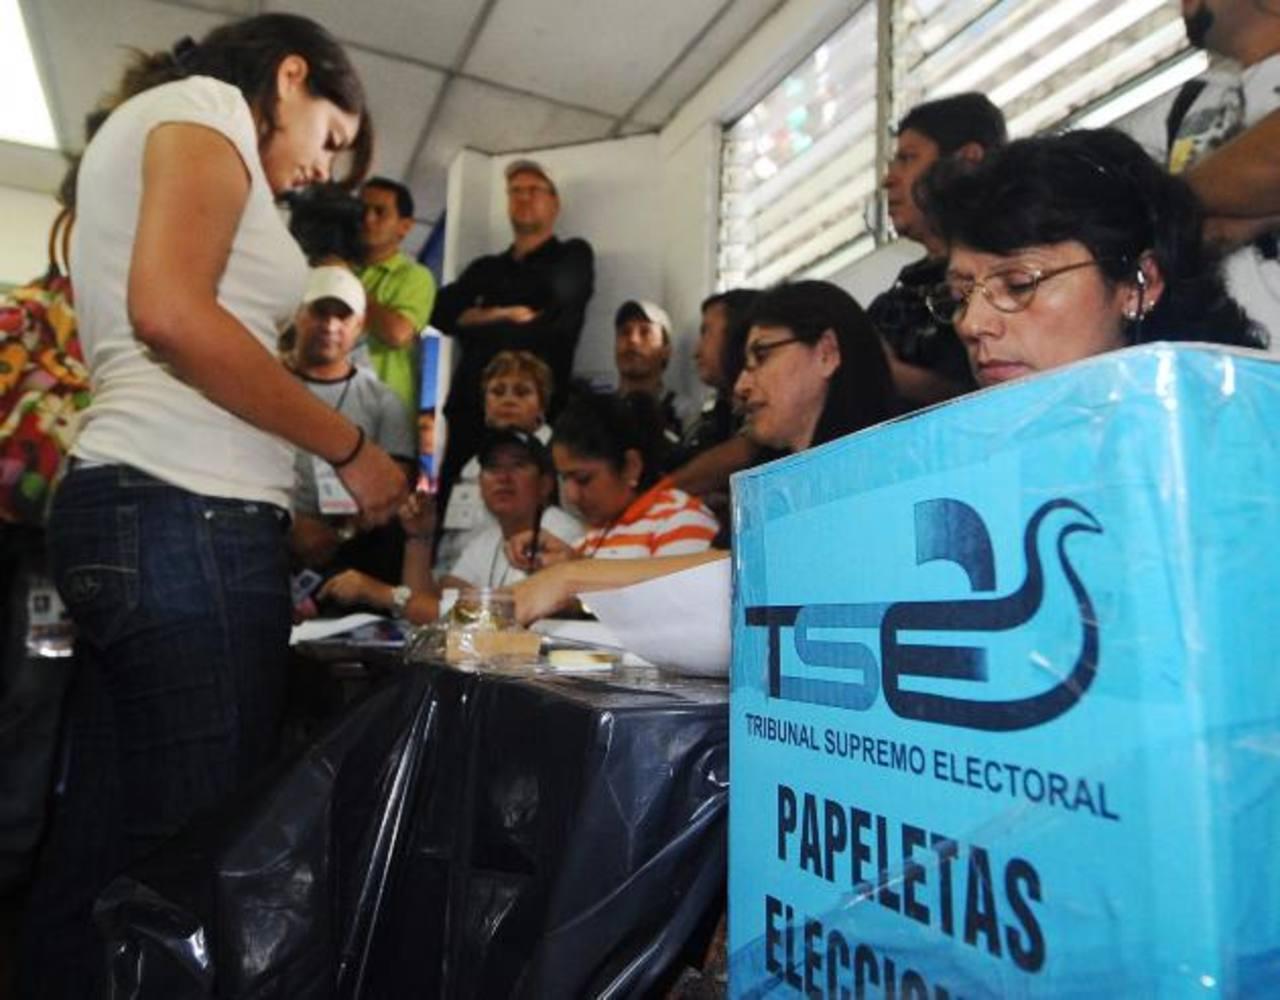 Desinterés de los jóvenes en votar en elecciones 2014